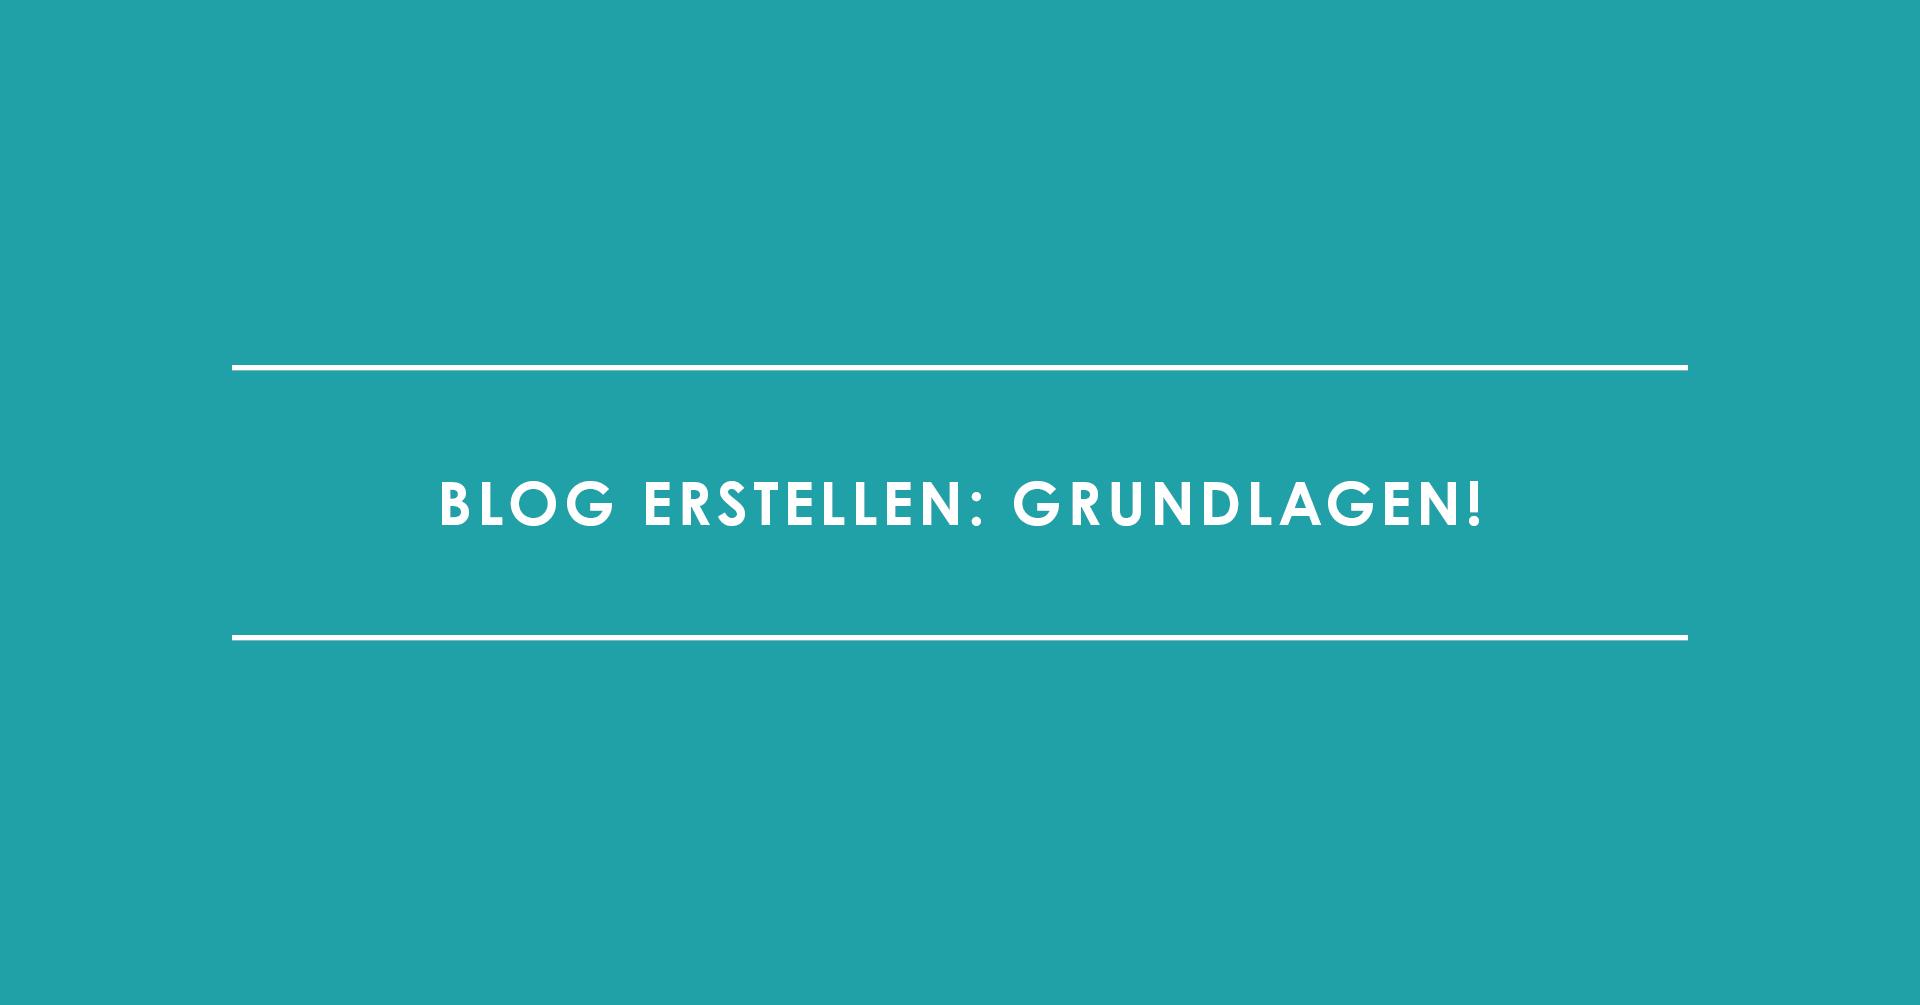 Blog erstellen: Grundlagen!